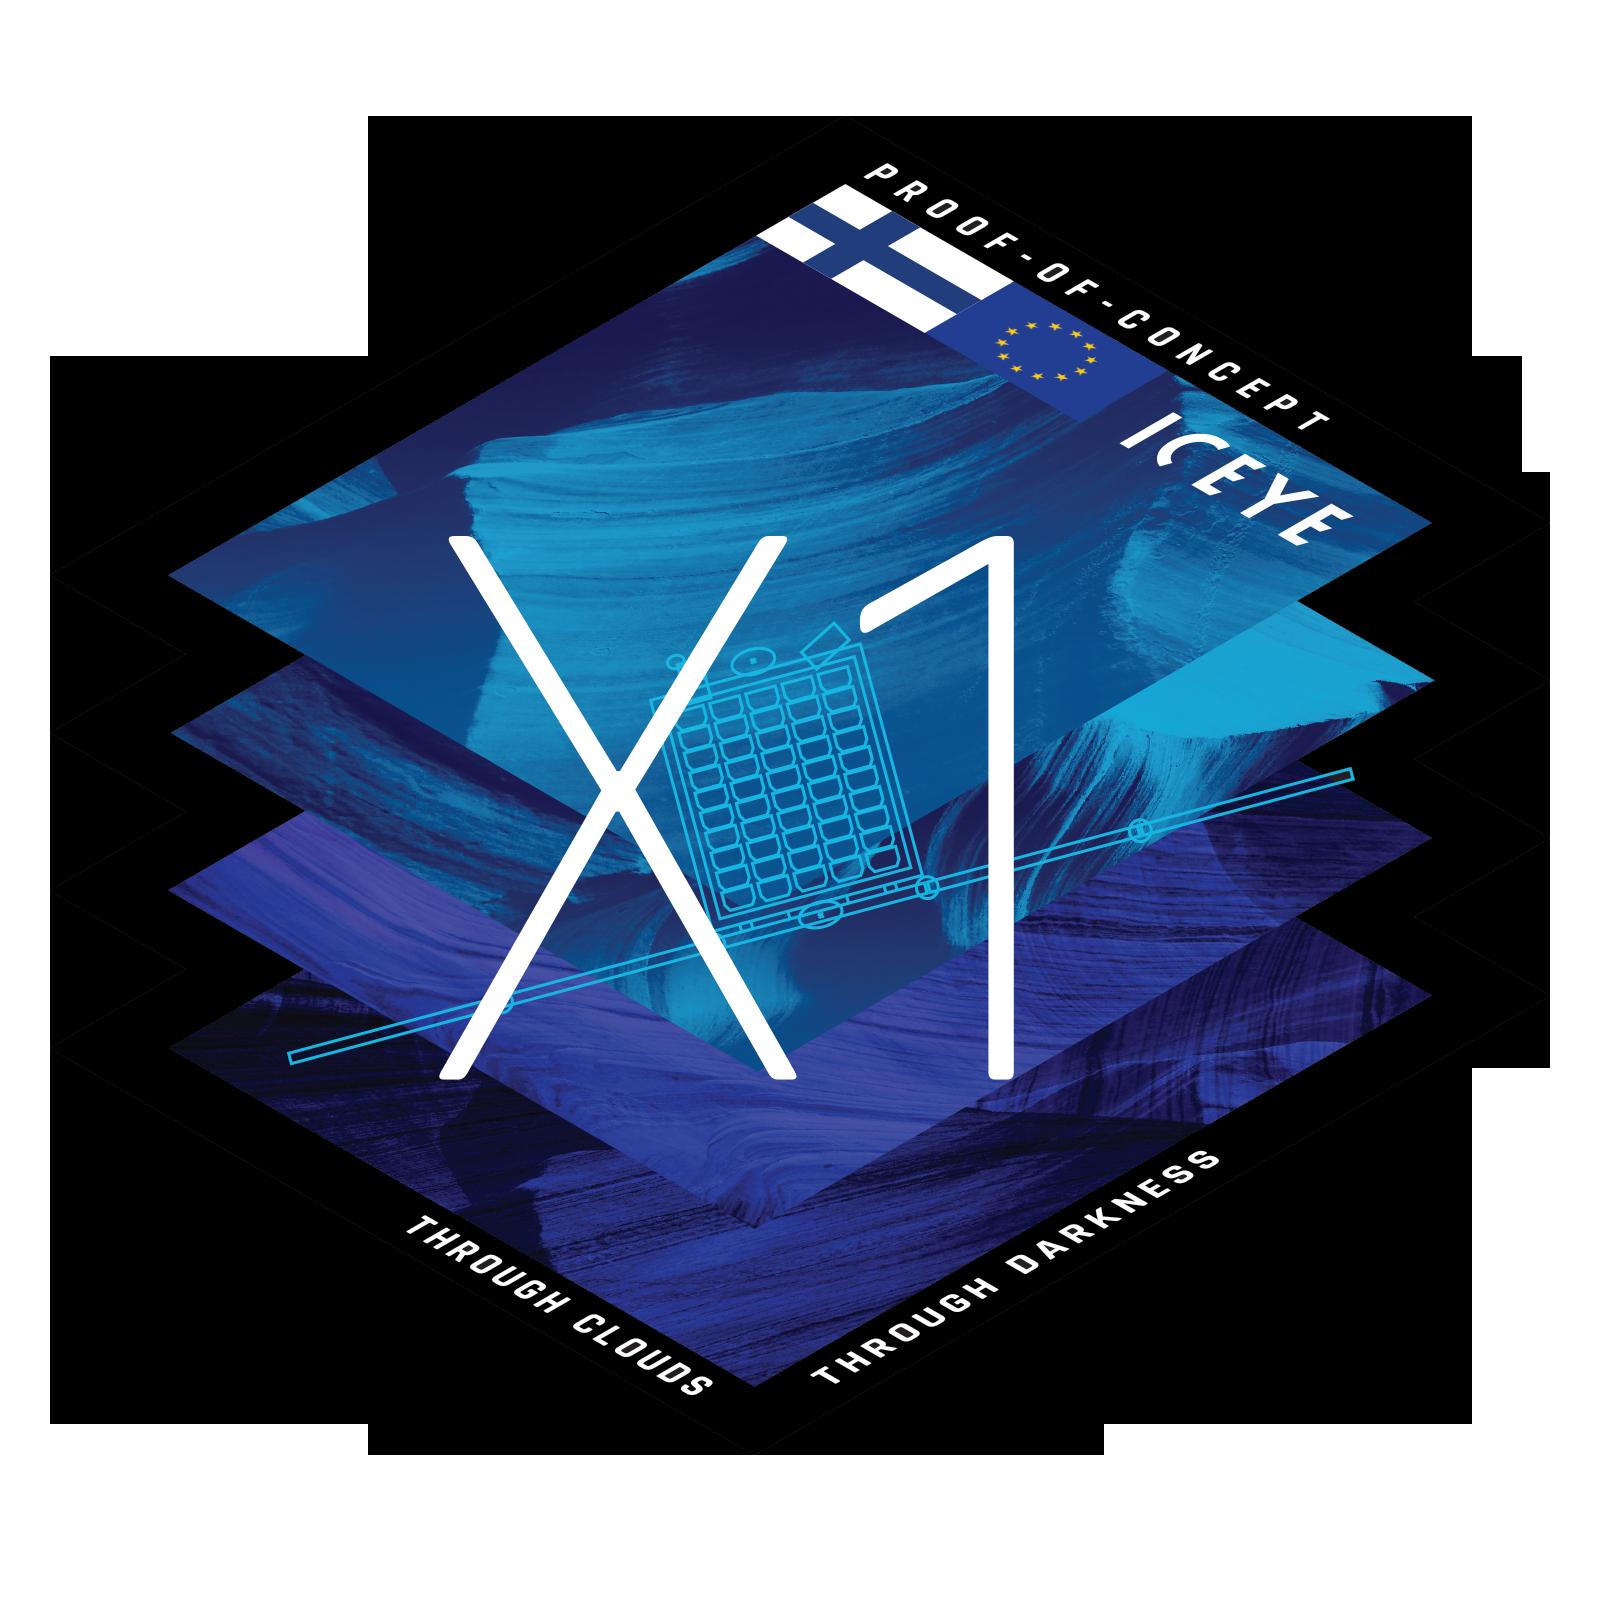 ICEYE-X1-mission-logo-1600